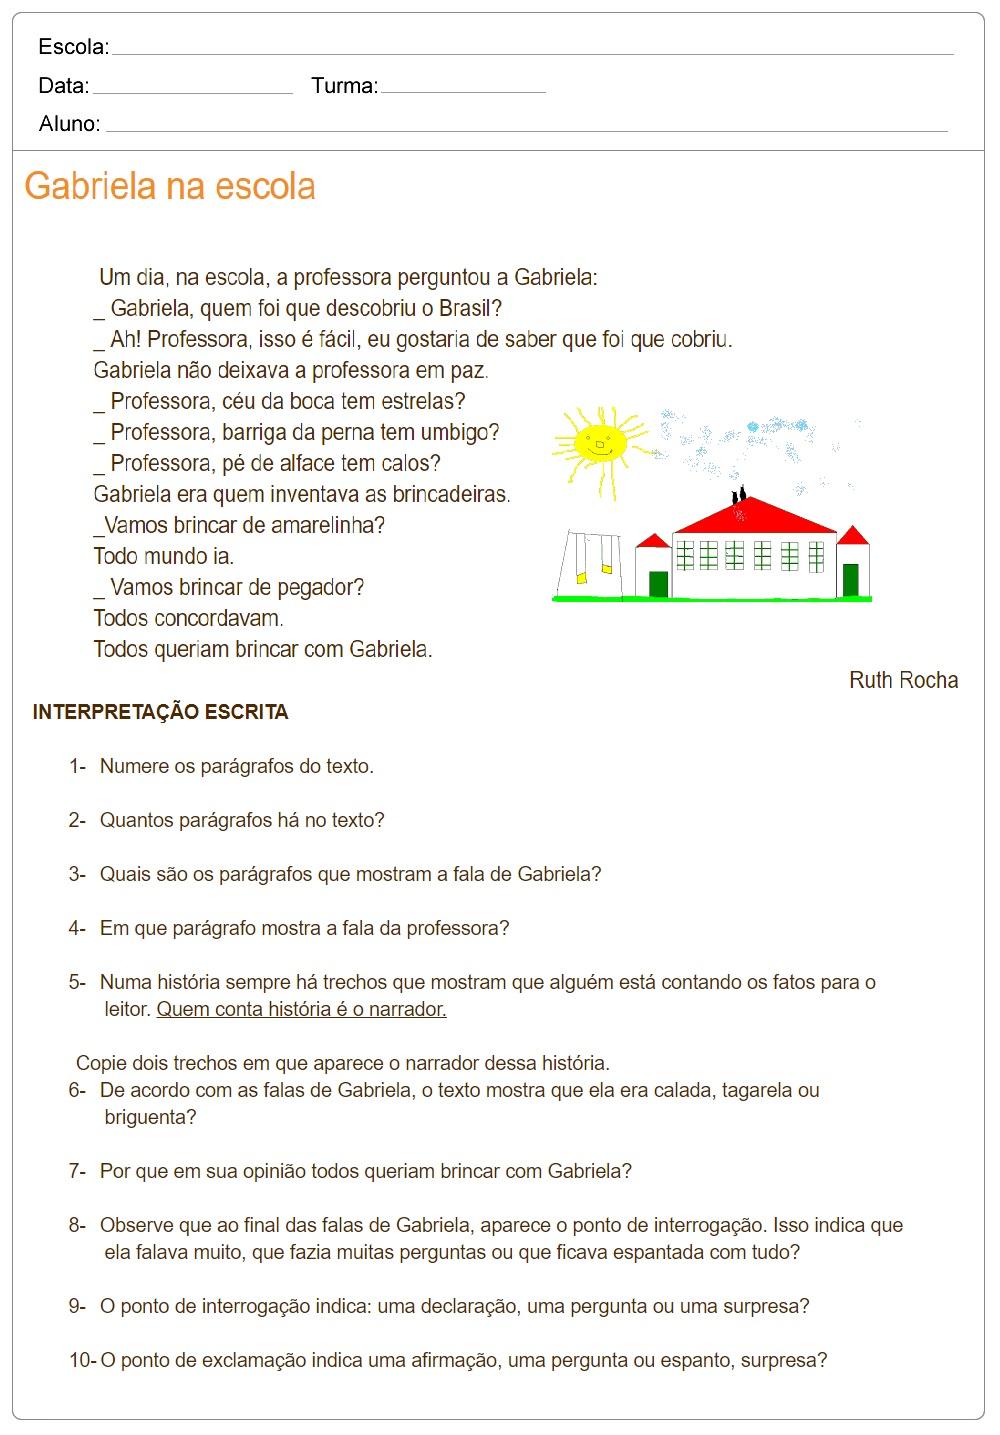 Atividades de Interpretação de Texto 3º ano: Gabriela na Escola.